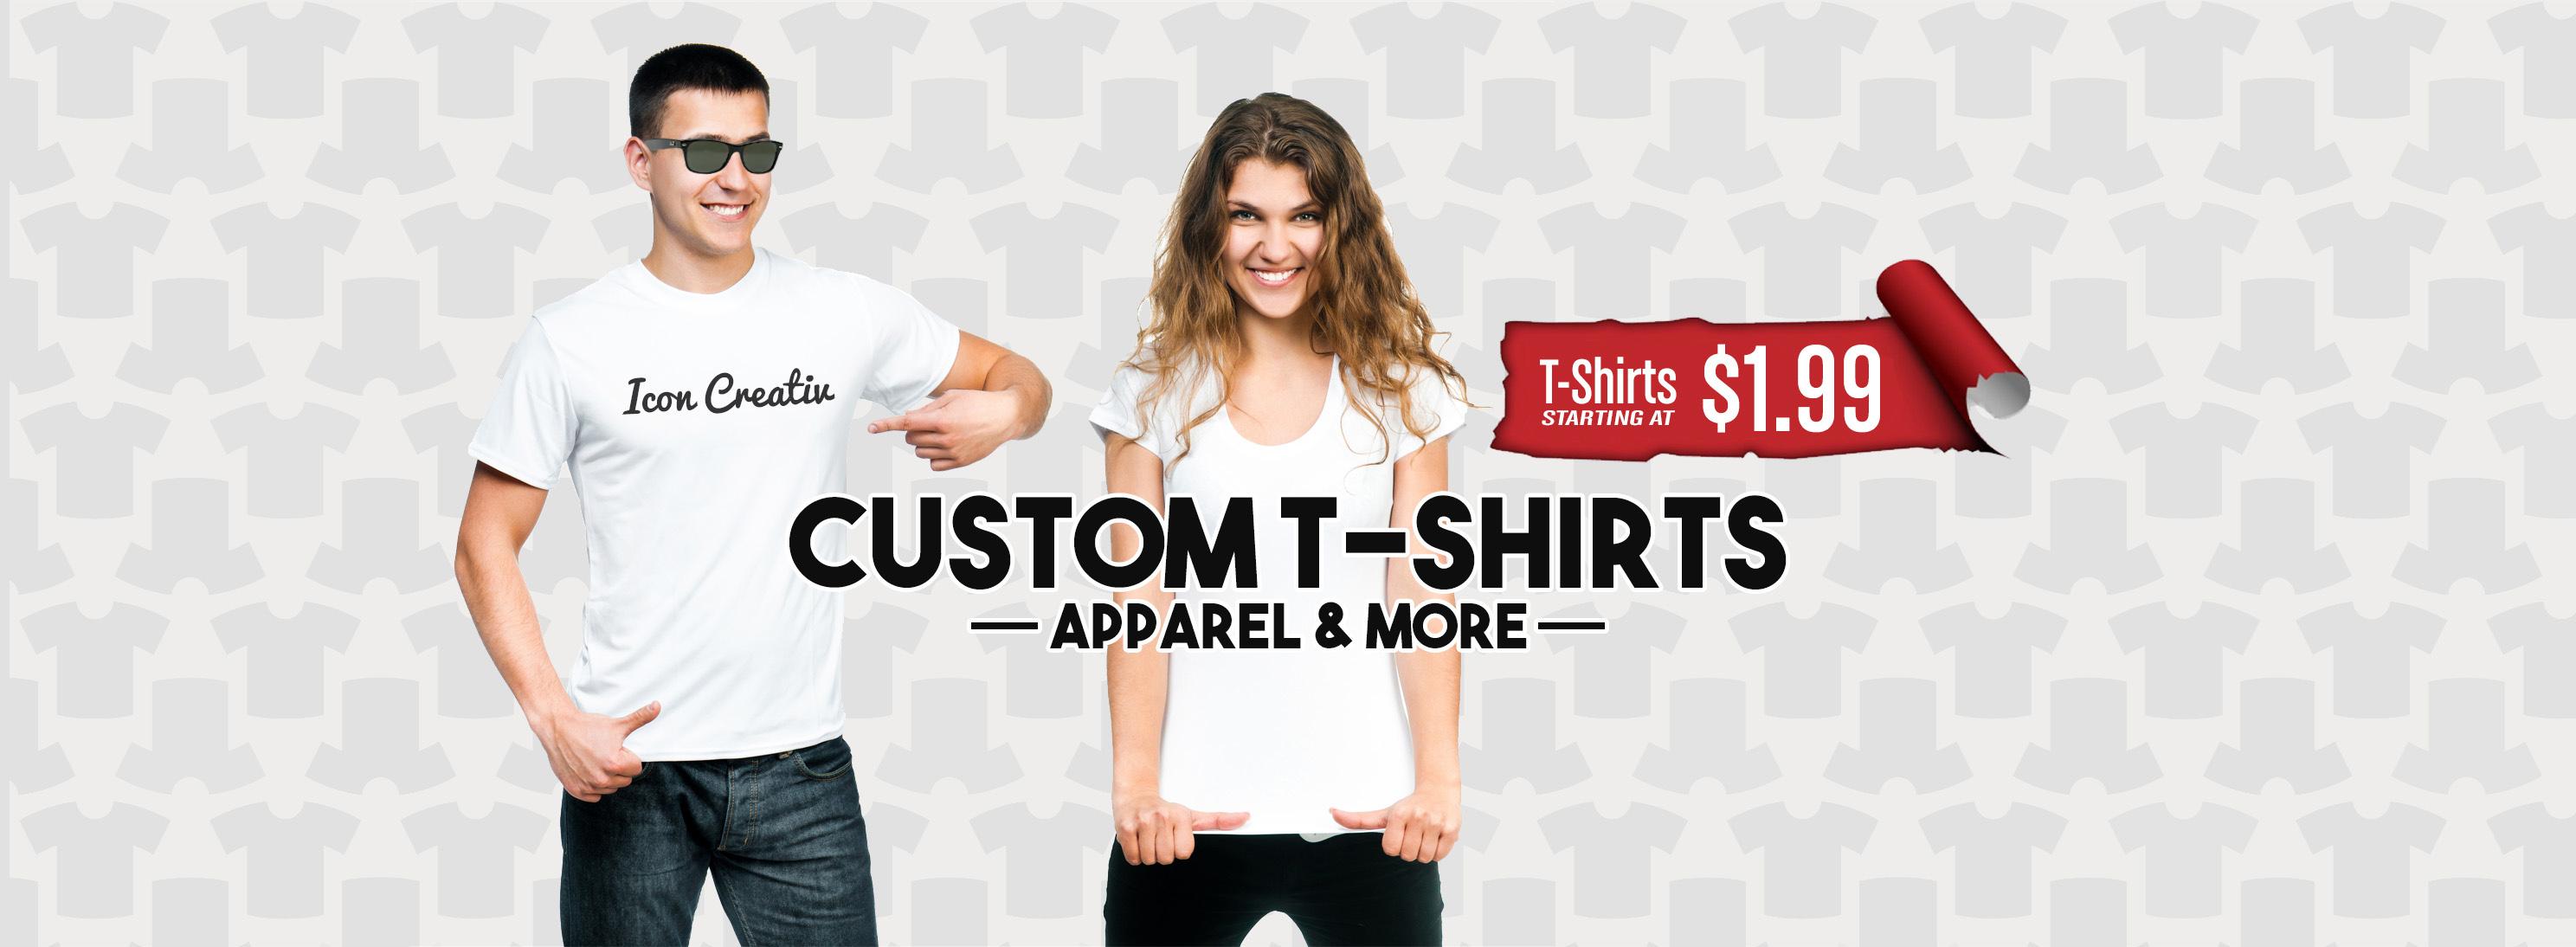 Custom t shirt printing icon creativ custom t shirts for Wholesale t shirts dallas tx